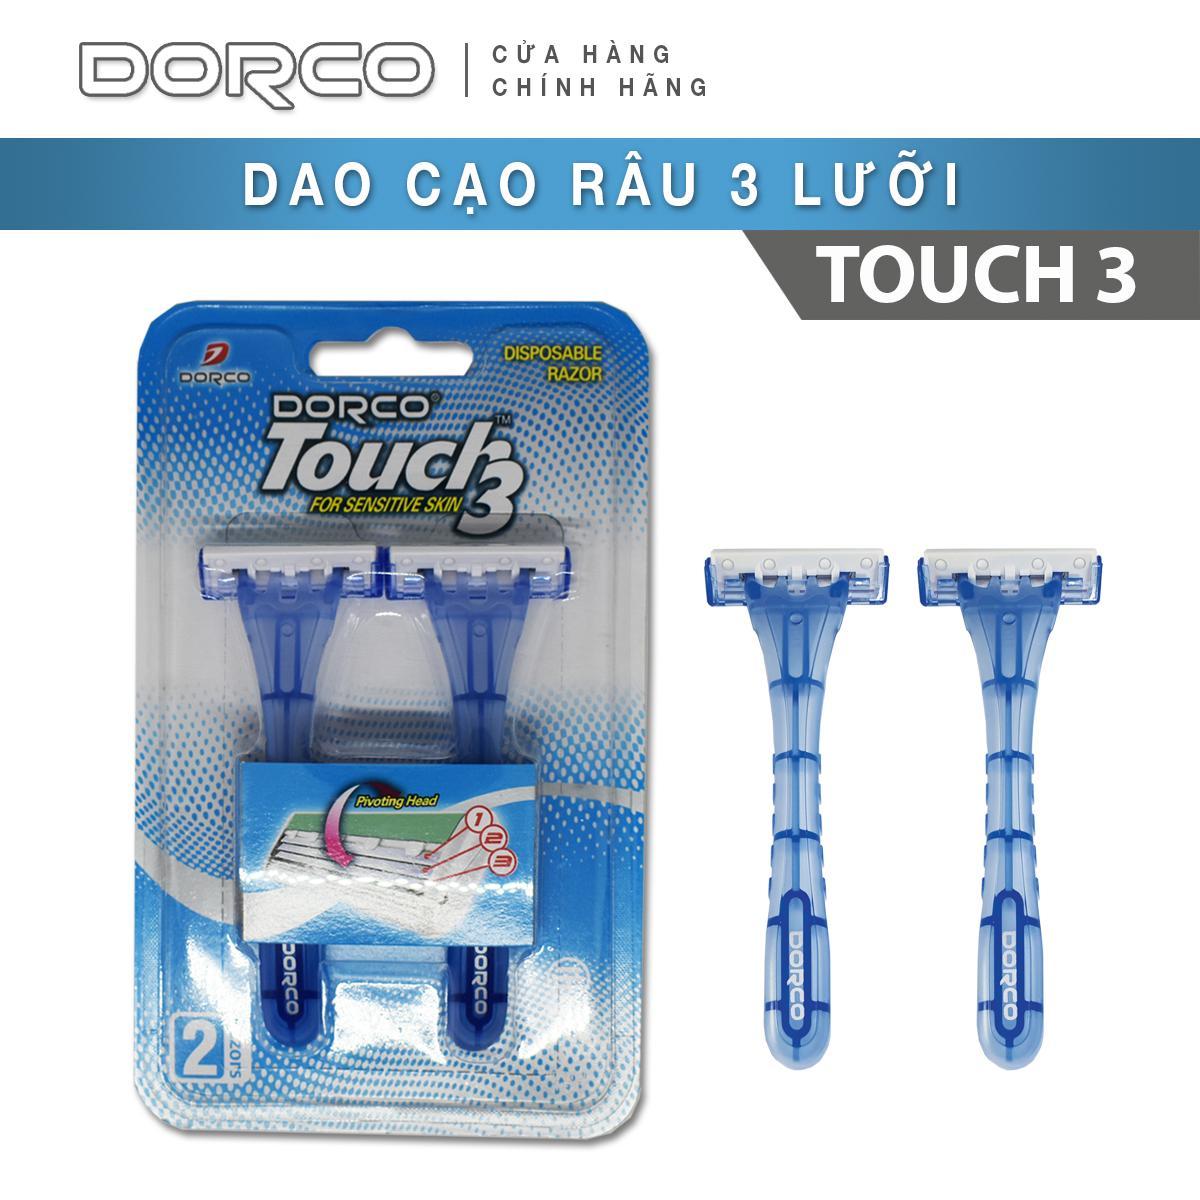 DAO CẠO 3 LƯỠI DORCO TOUCH 3 (Gói 02 dao cạo) tốt nhất